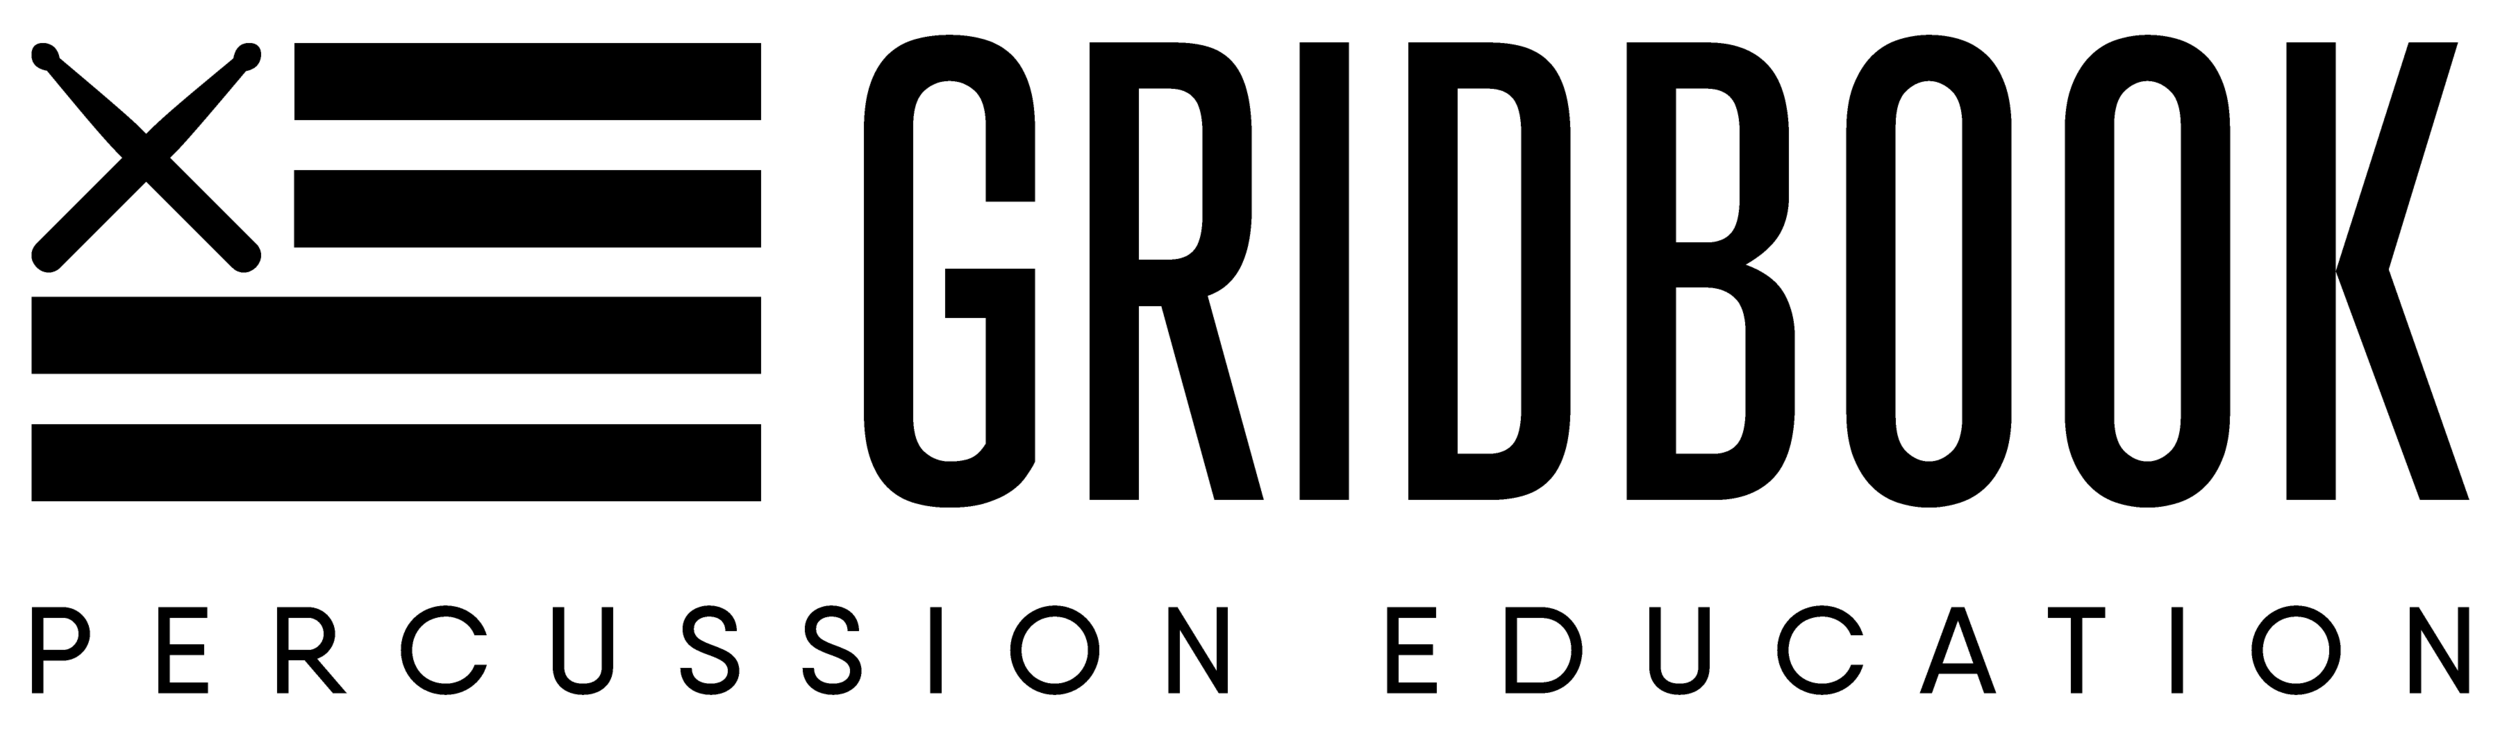 GRIDBOOK LANDSCAPE LOGO (BLACK).png